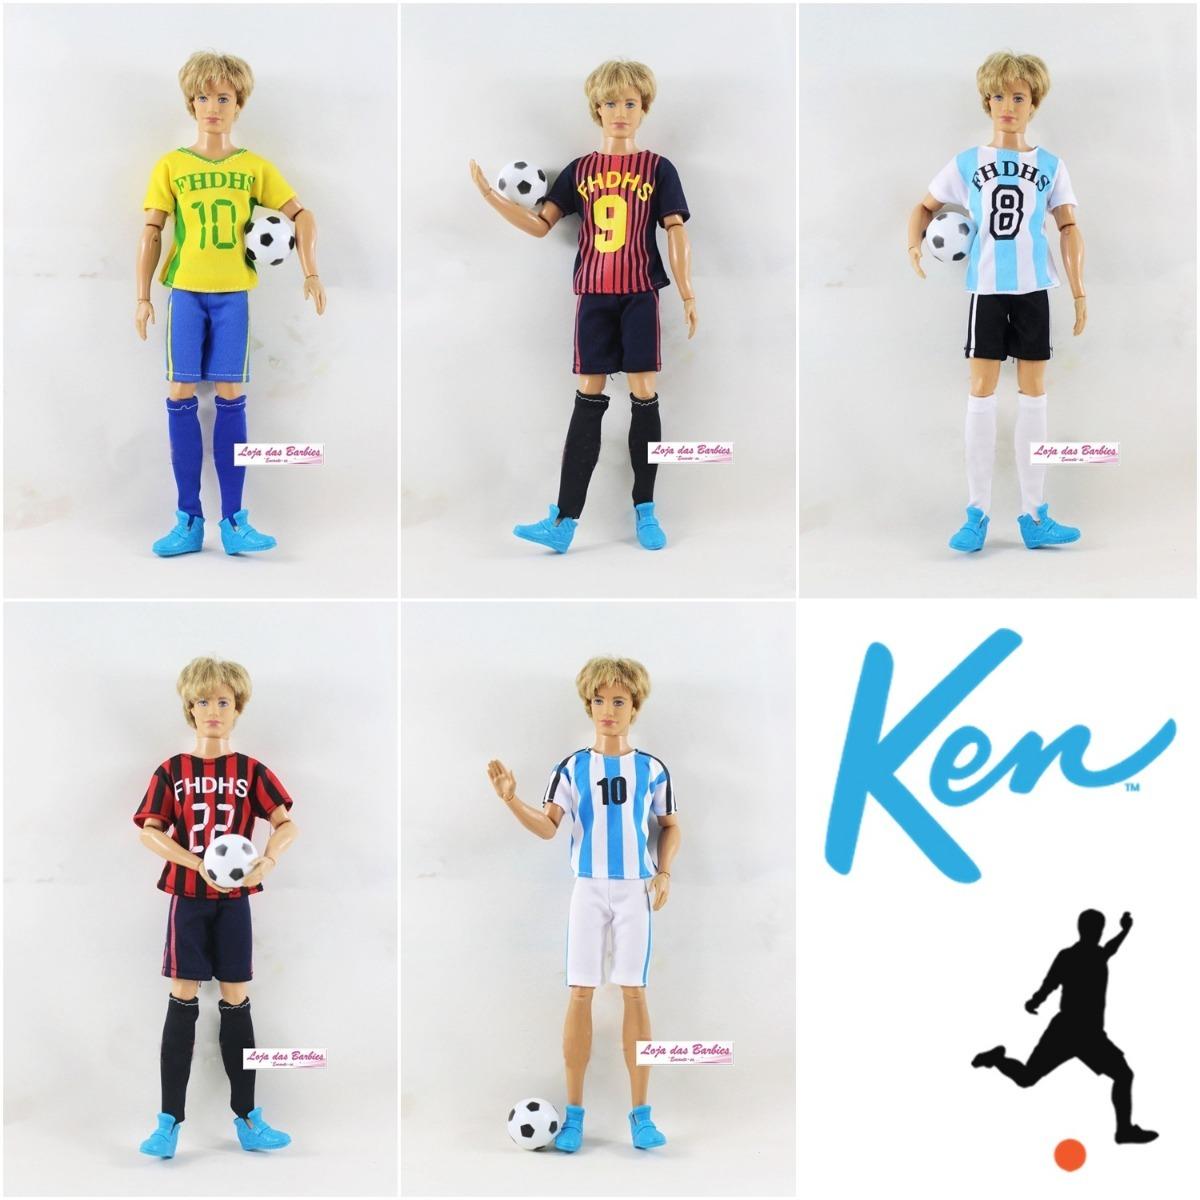 b8c4e92d95a21 roupa jogador de futebol para boneco ken ( barbie ) + tênis. Carregando  zoom.